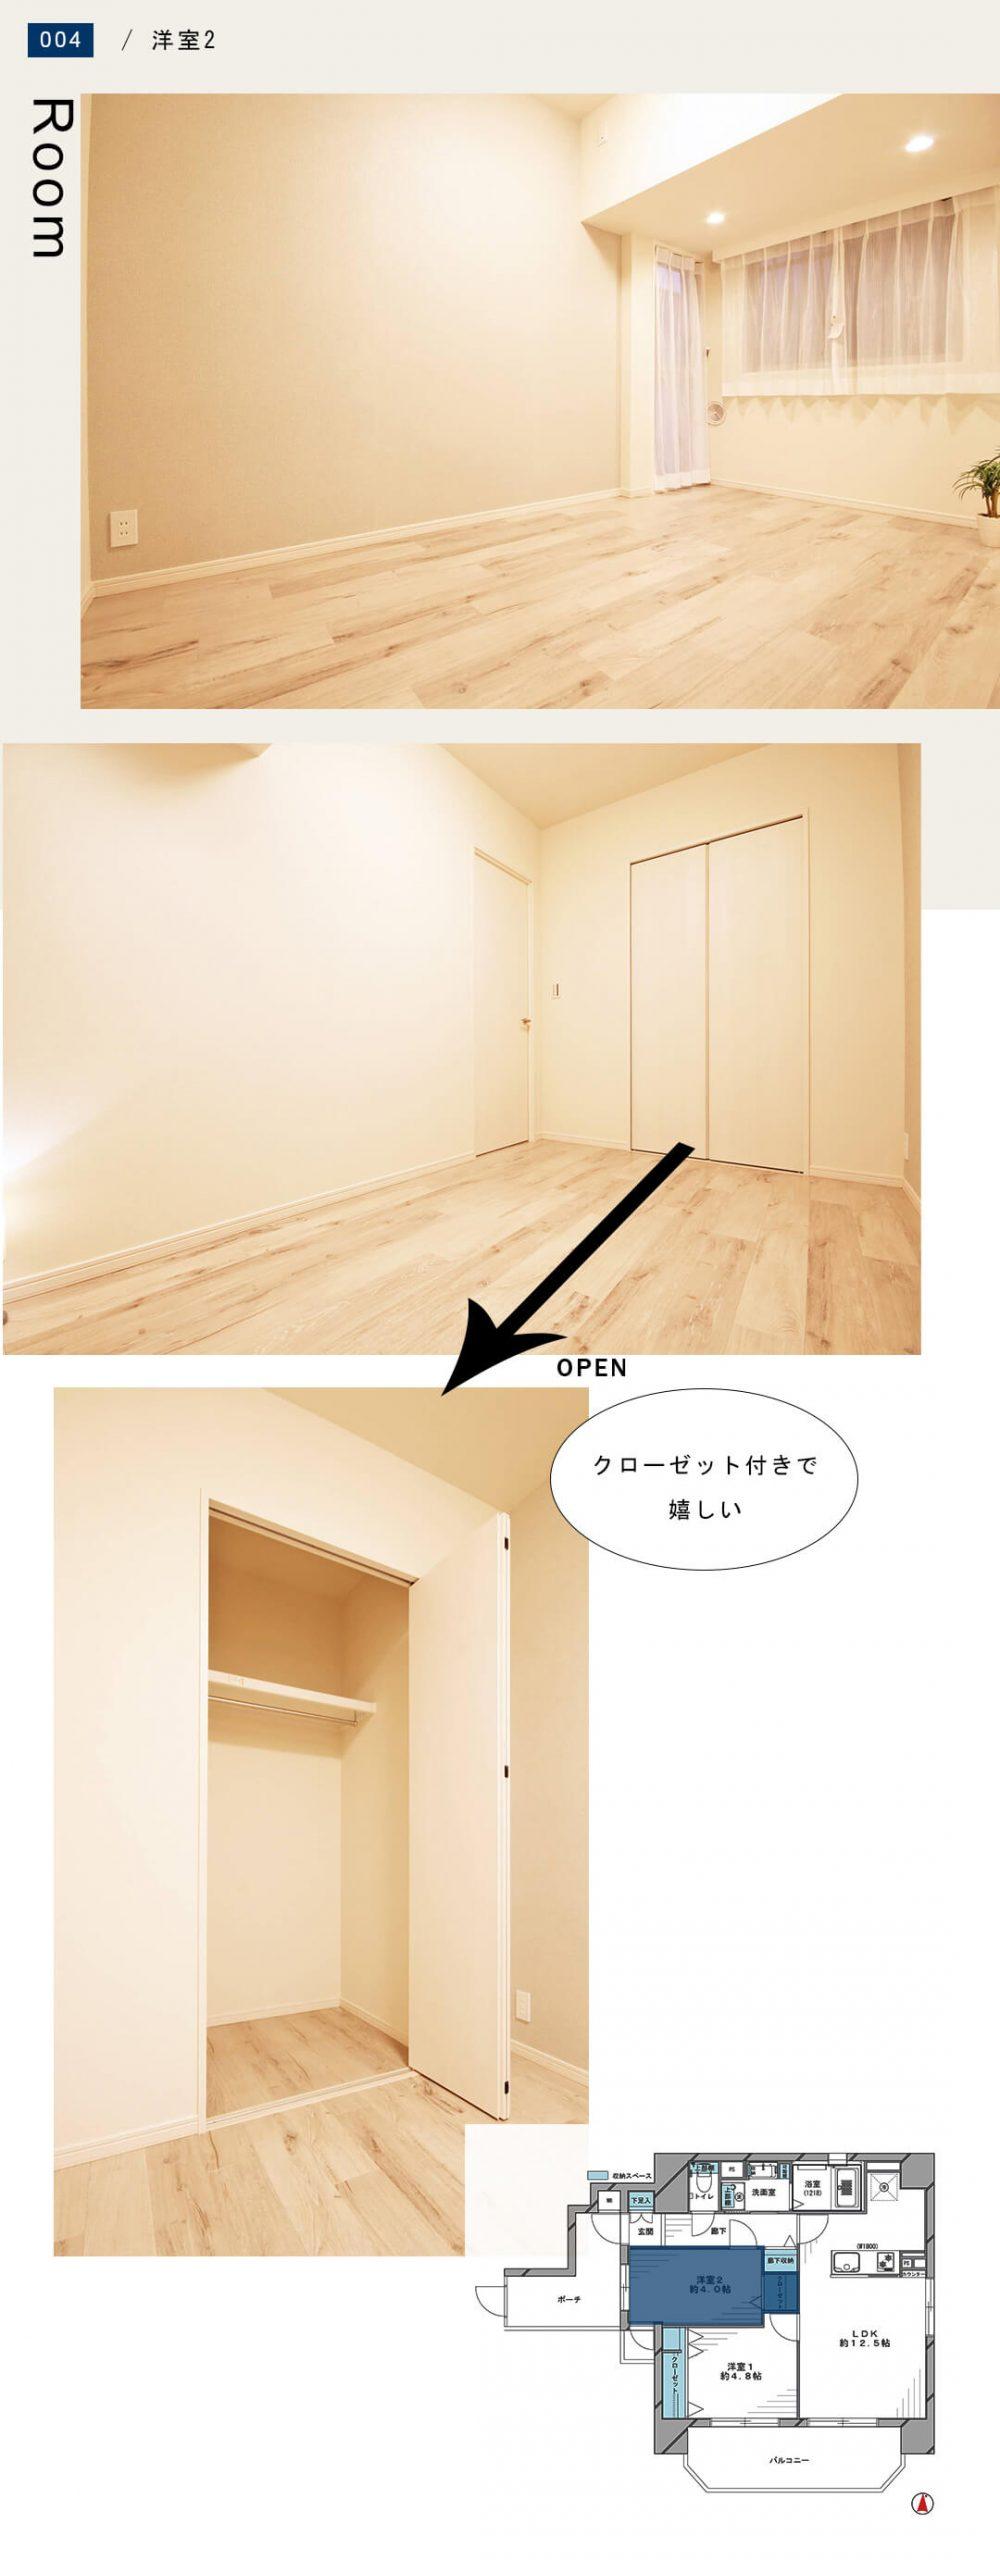 菱和パレス錦糸町 203号室の洋室2